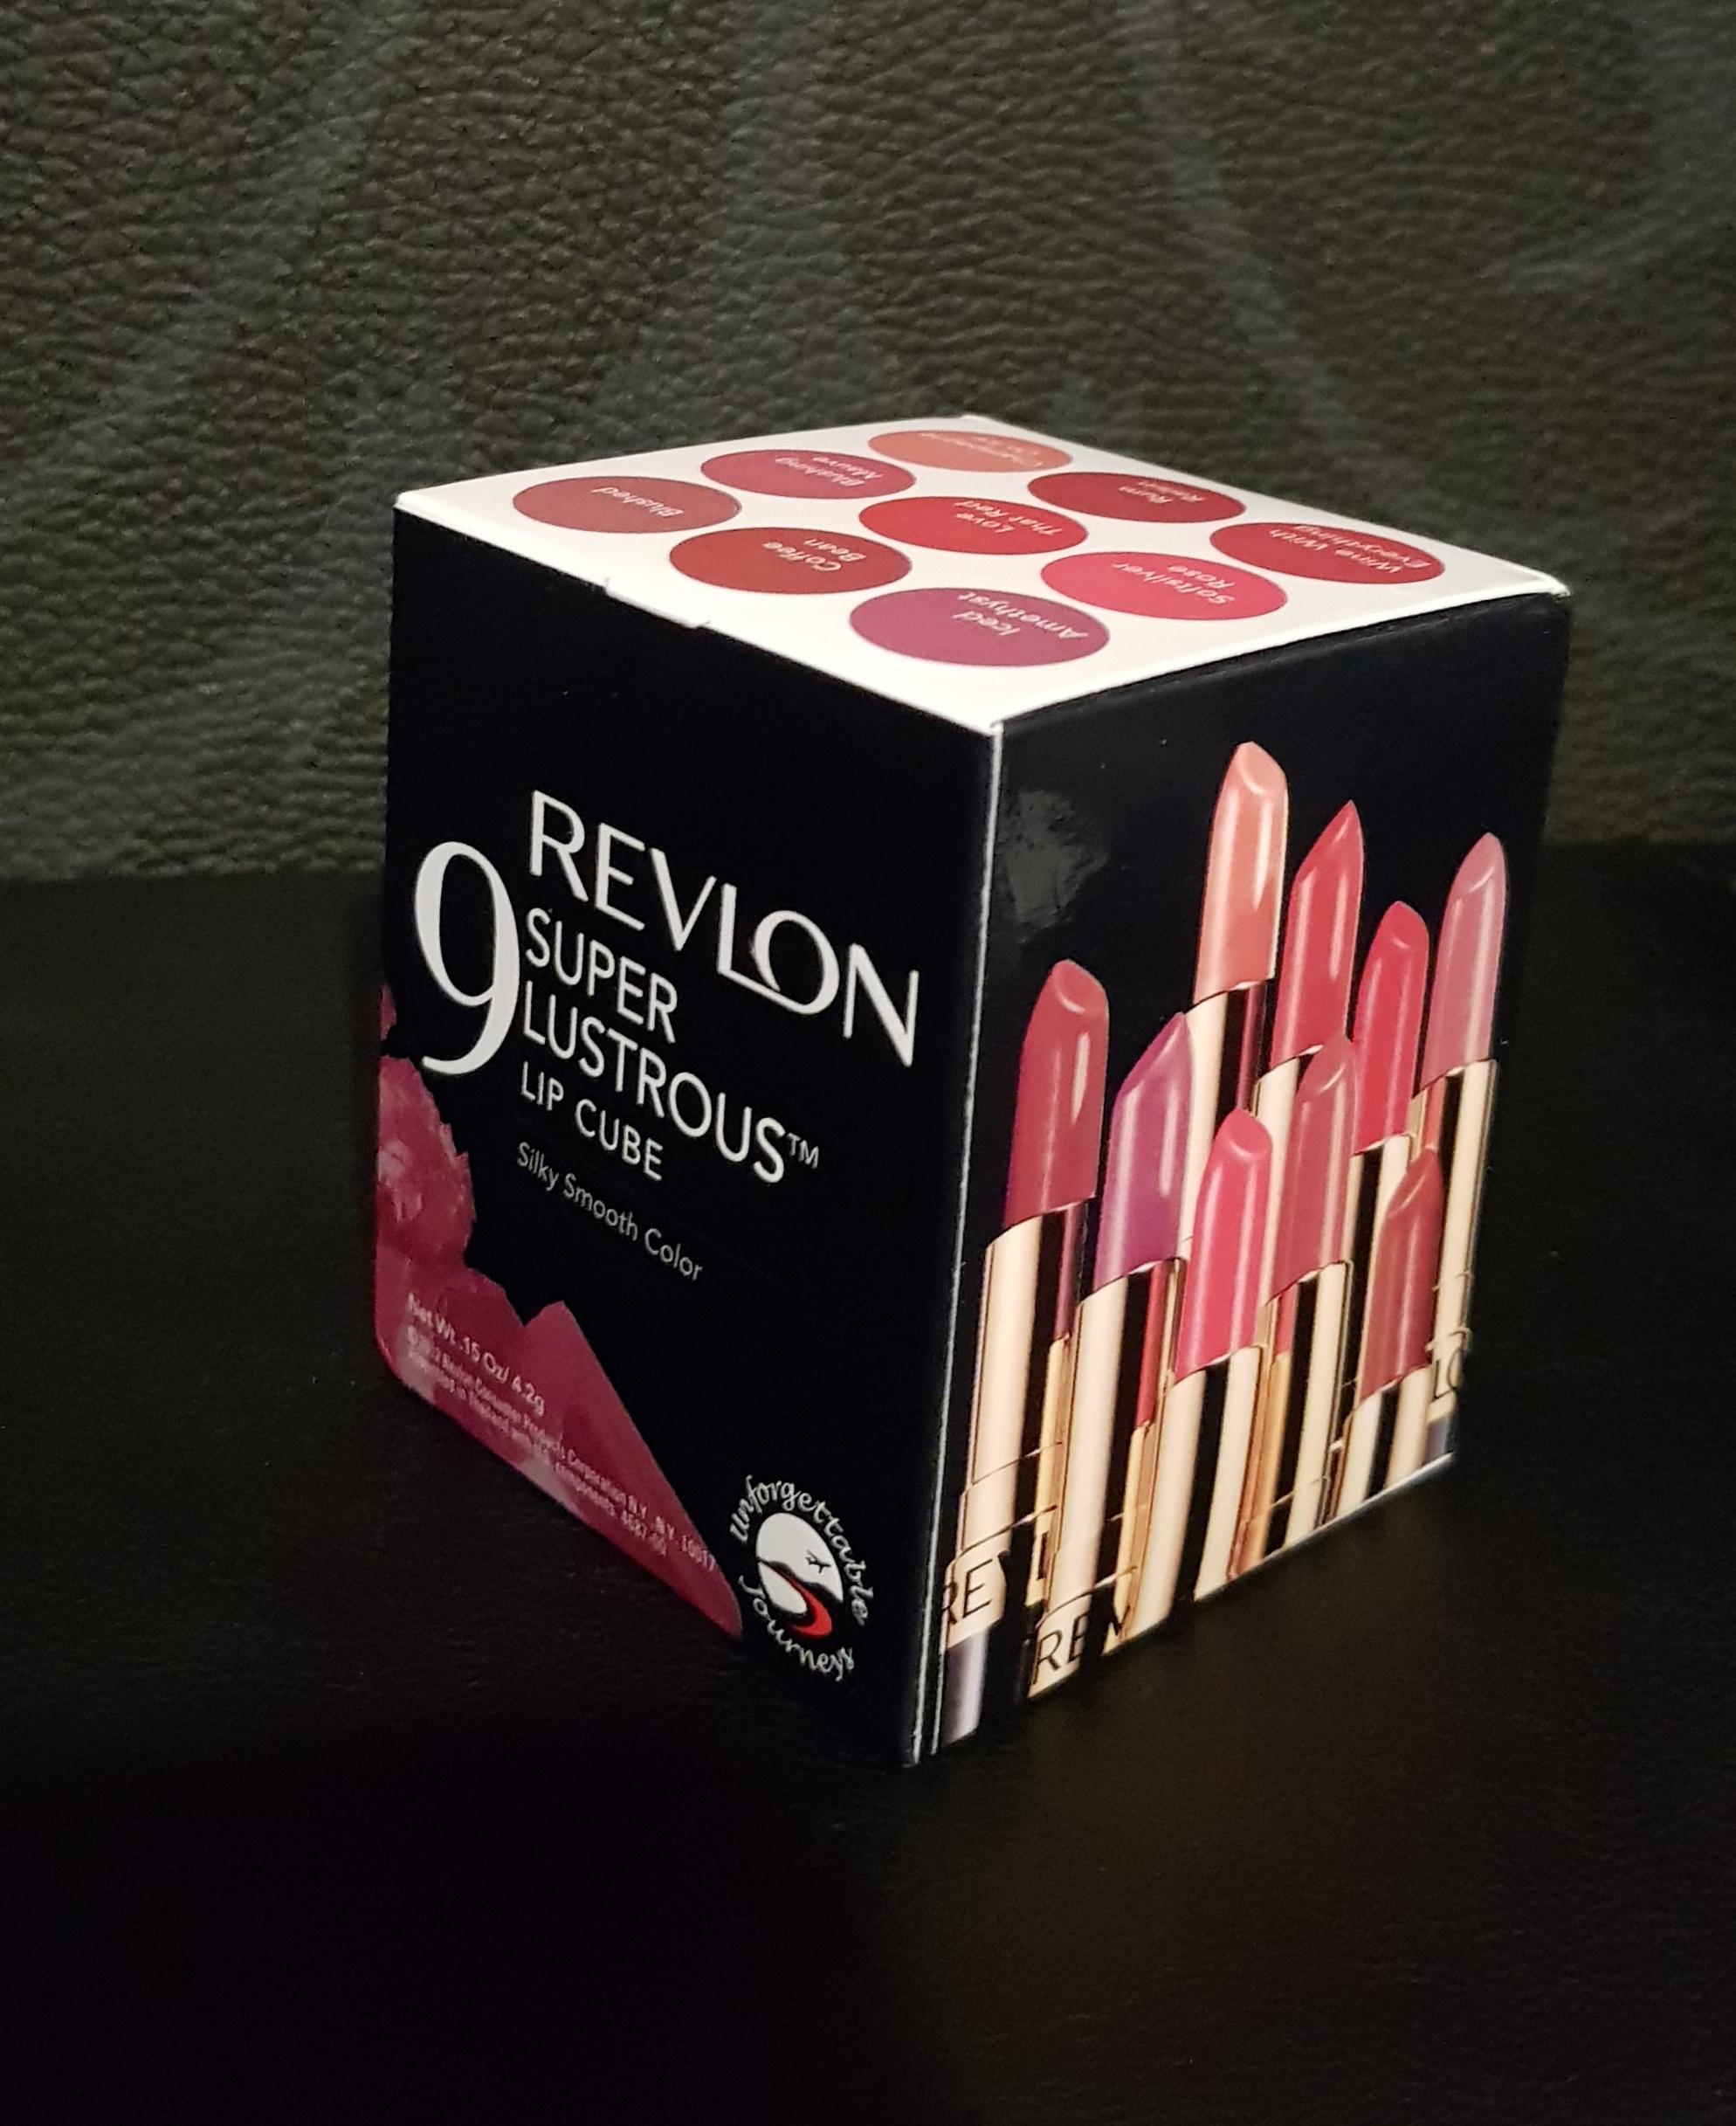 Revlon Super Lustrous Lip Cube